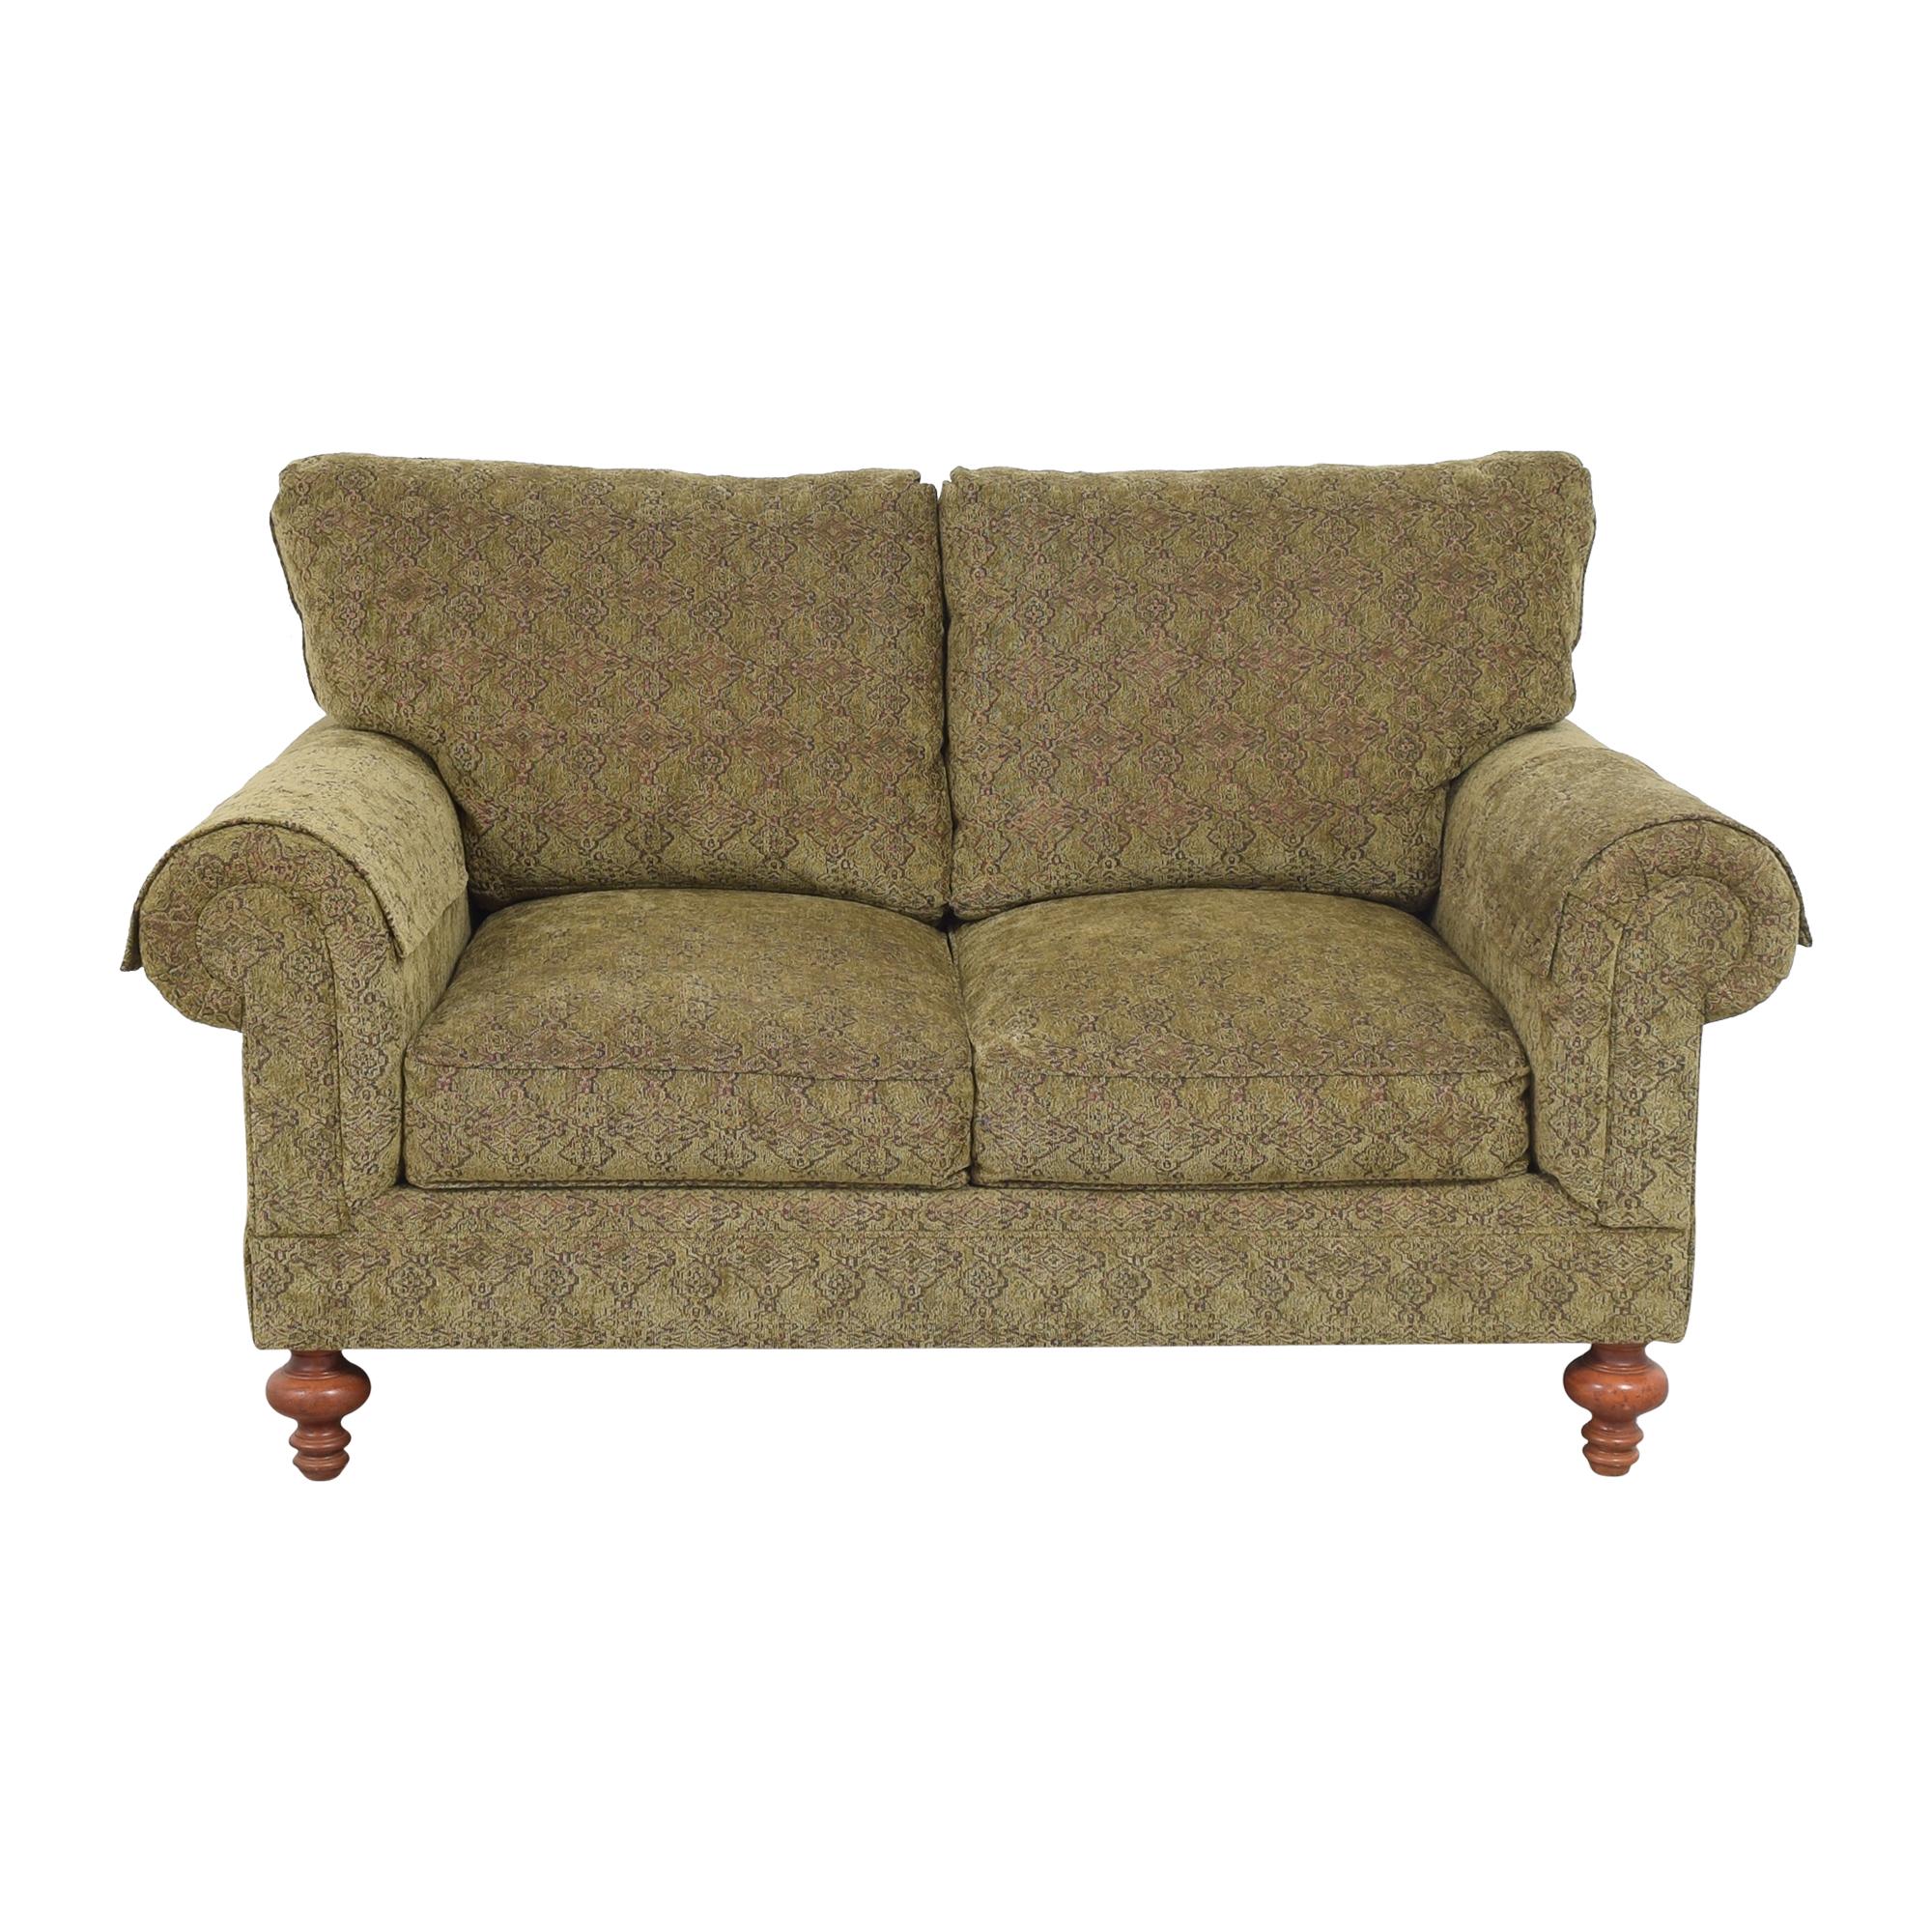 Henredon Furniture Henredon Upholstered Loveseat coupon